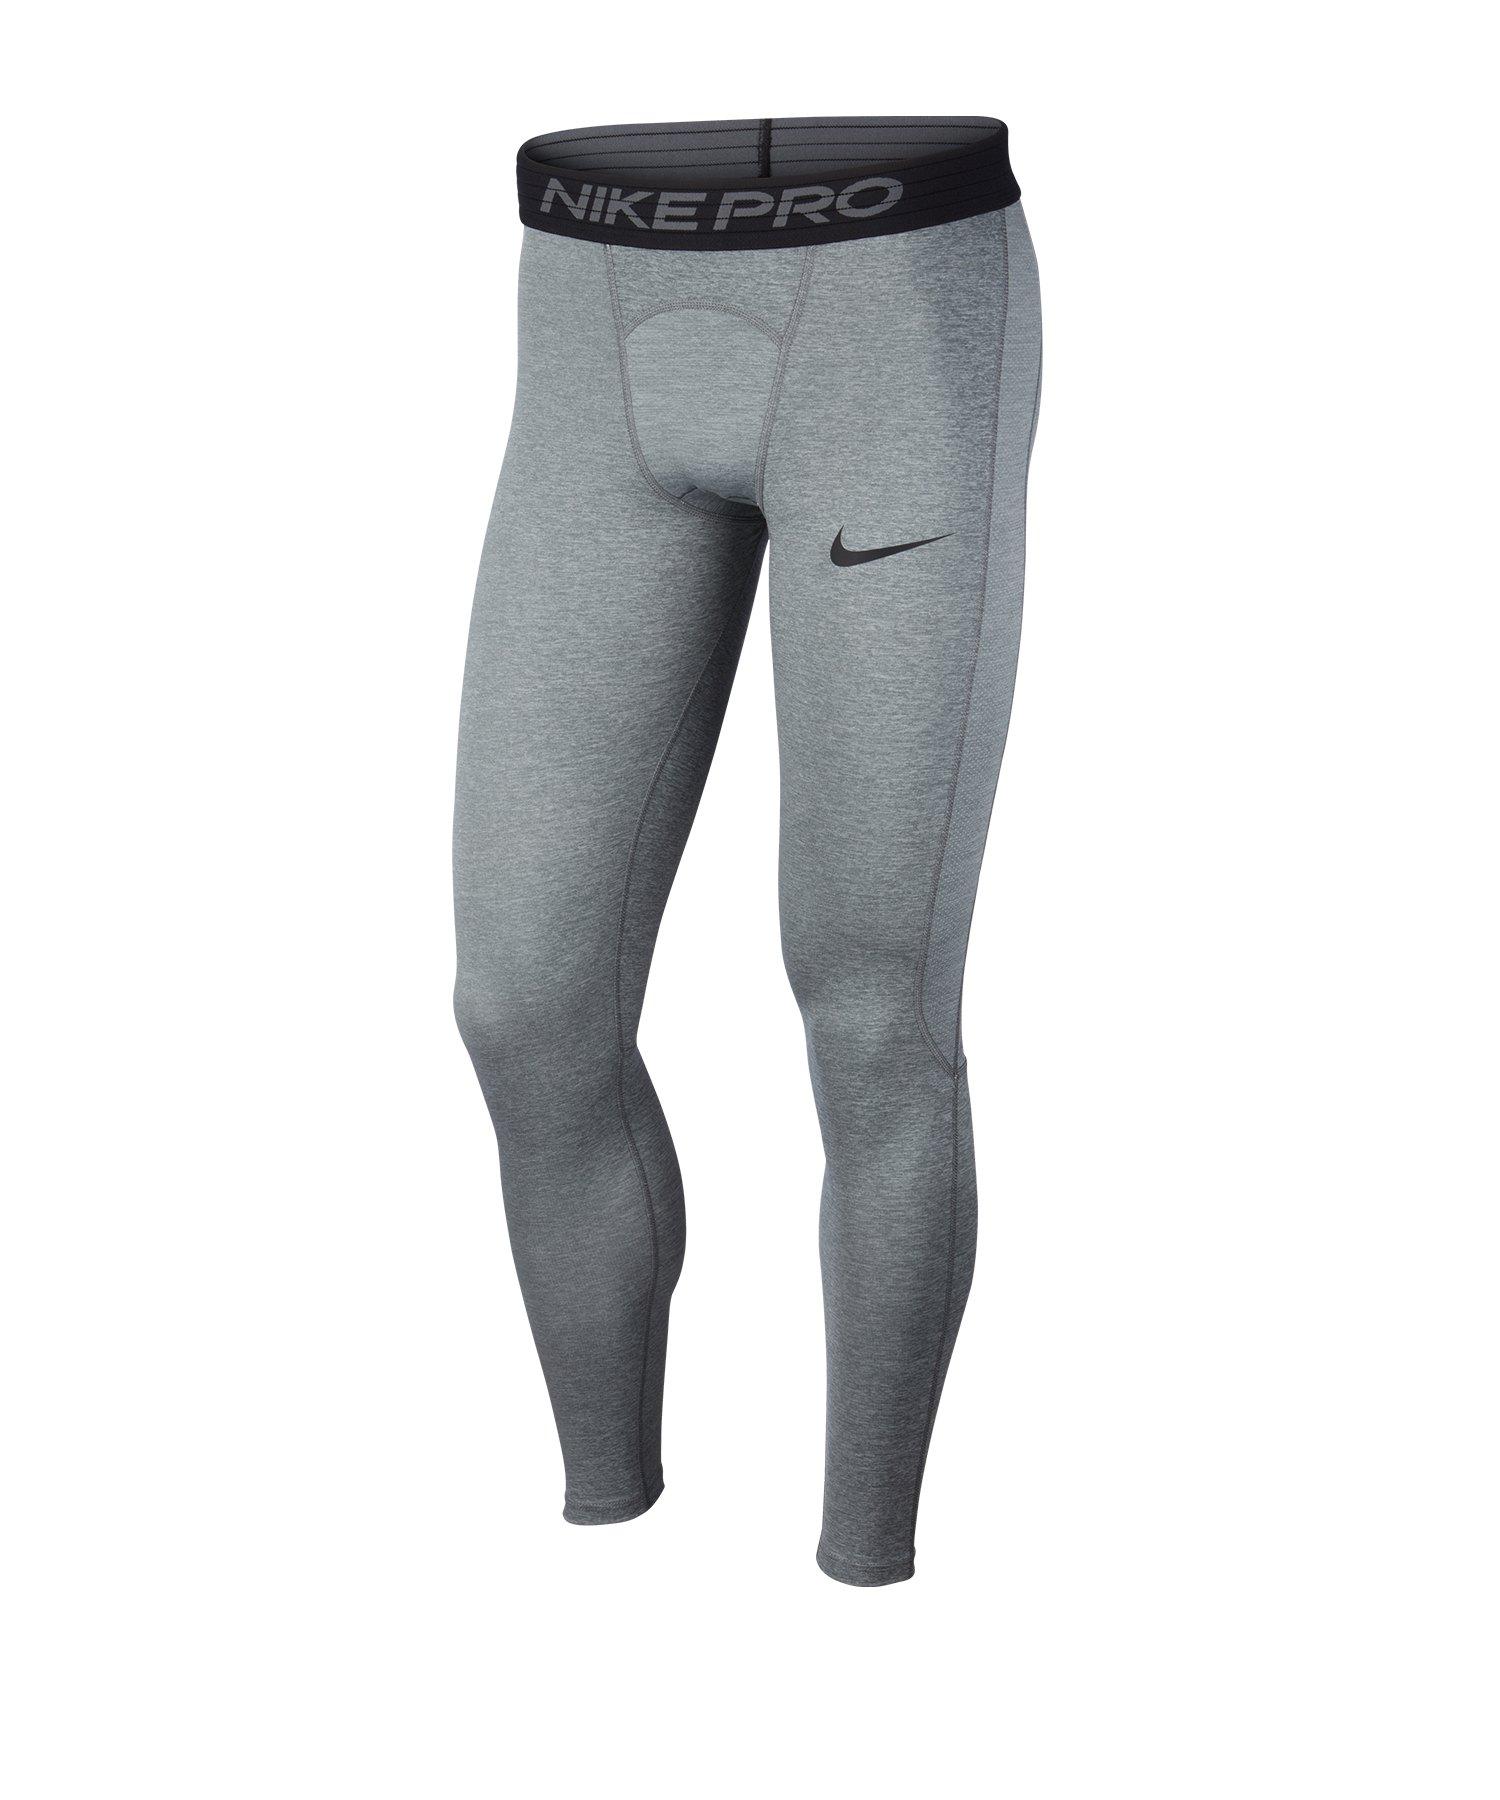 Nike Pro Tight Hose lang Grau F085 - grau